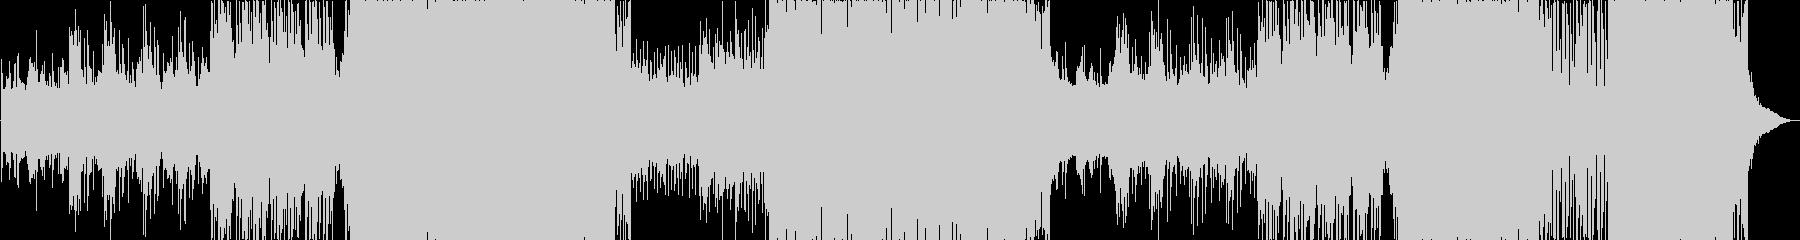 ゆったりとしたFuture Popの未再生の波形